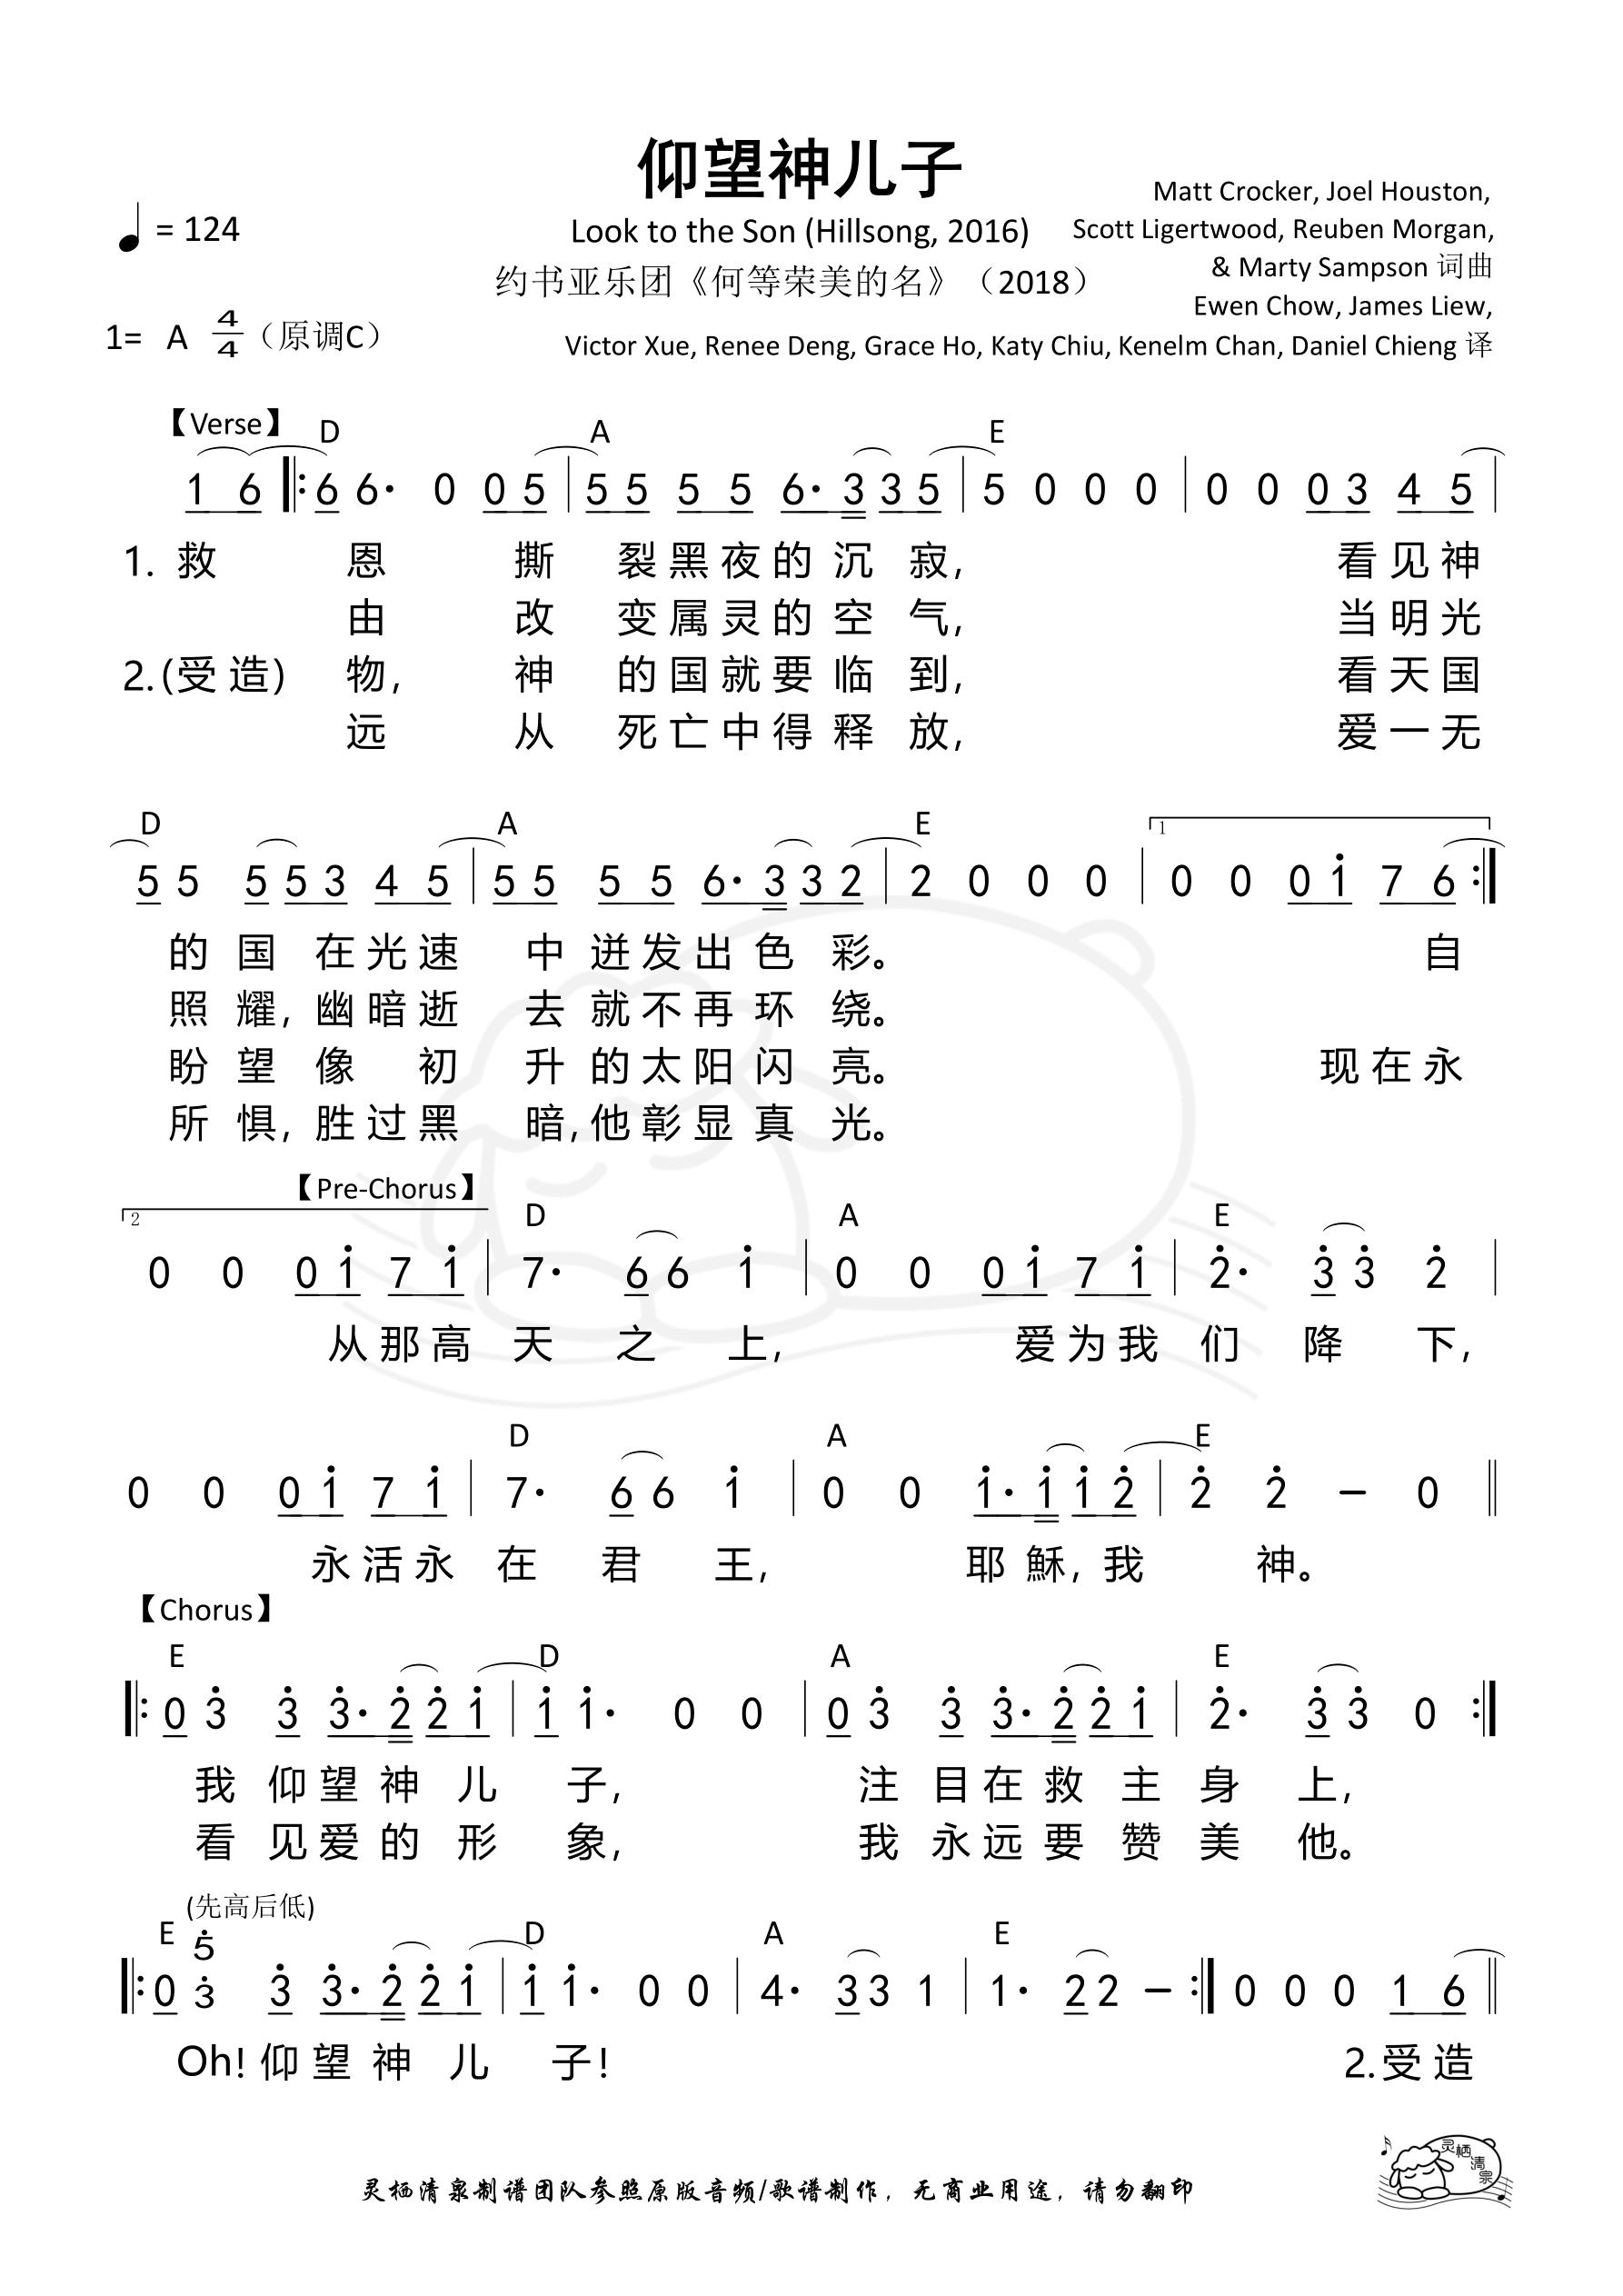 《第170首 - 仰望神儿子 和弦简谱》